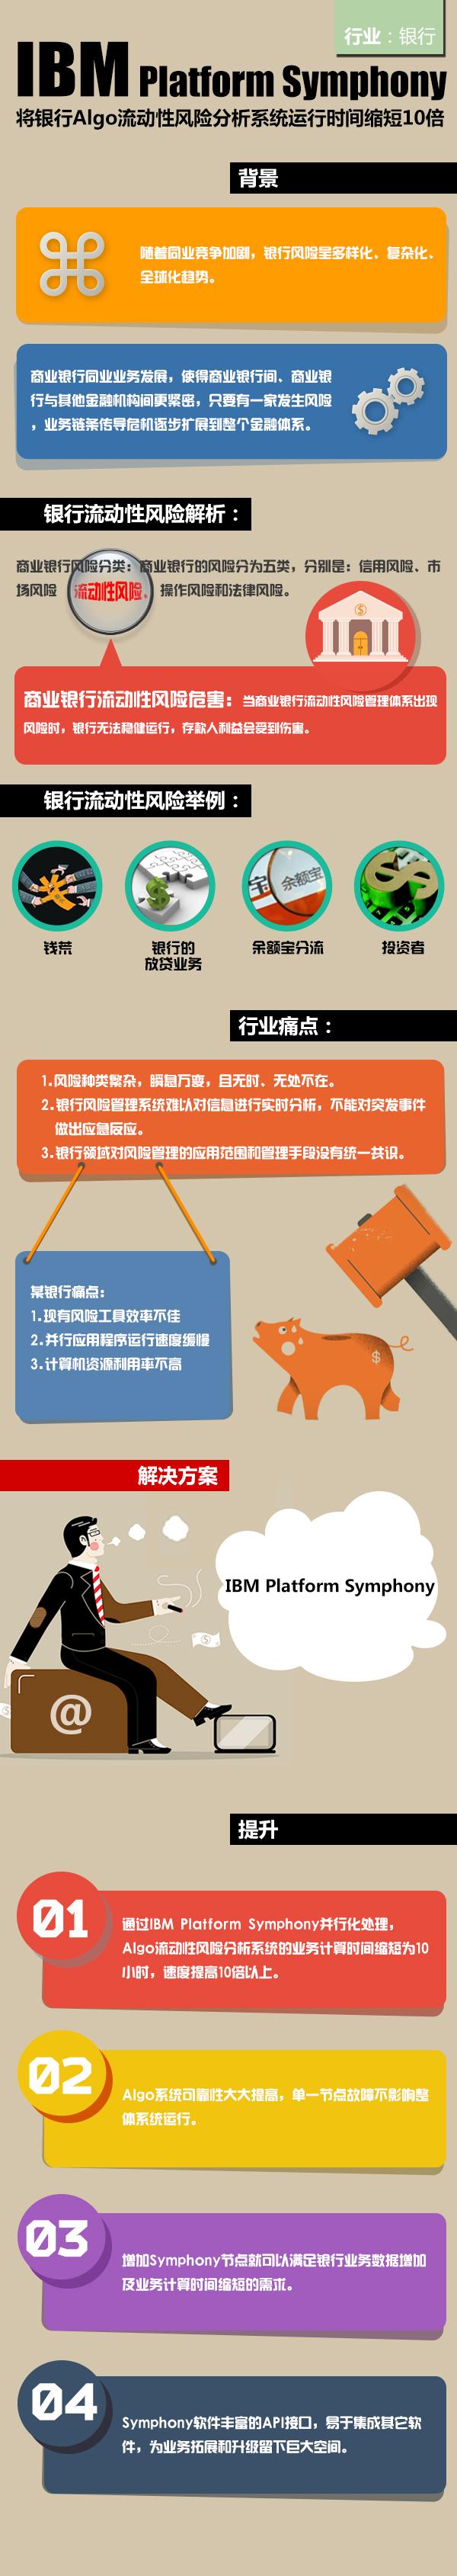 http://am.zhiding.cn/www/images/cp/ZDNet_Platform.jpg